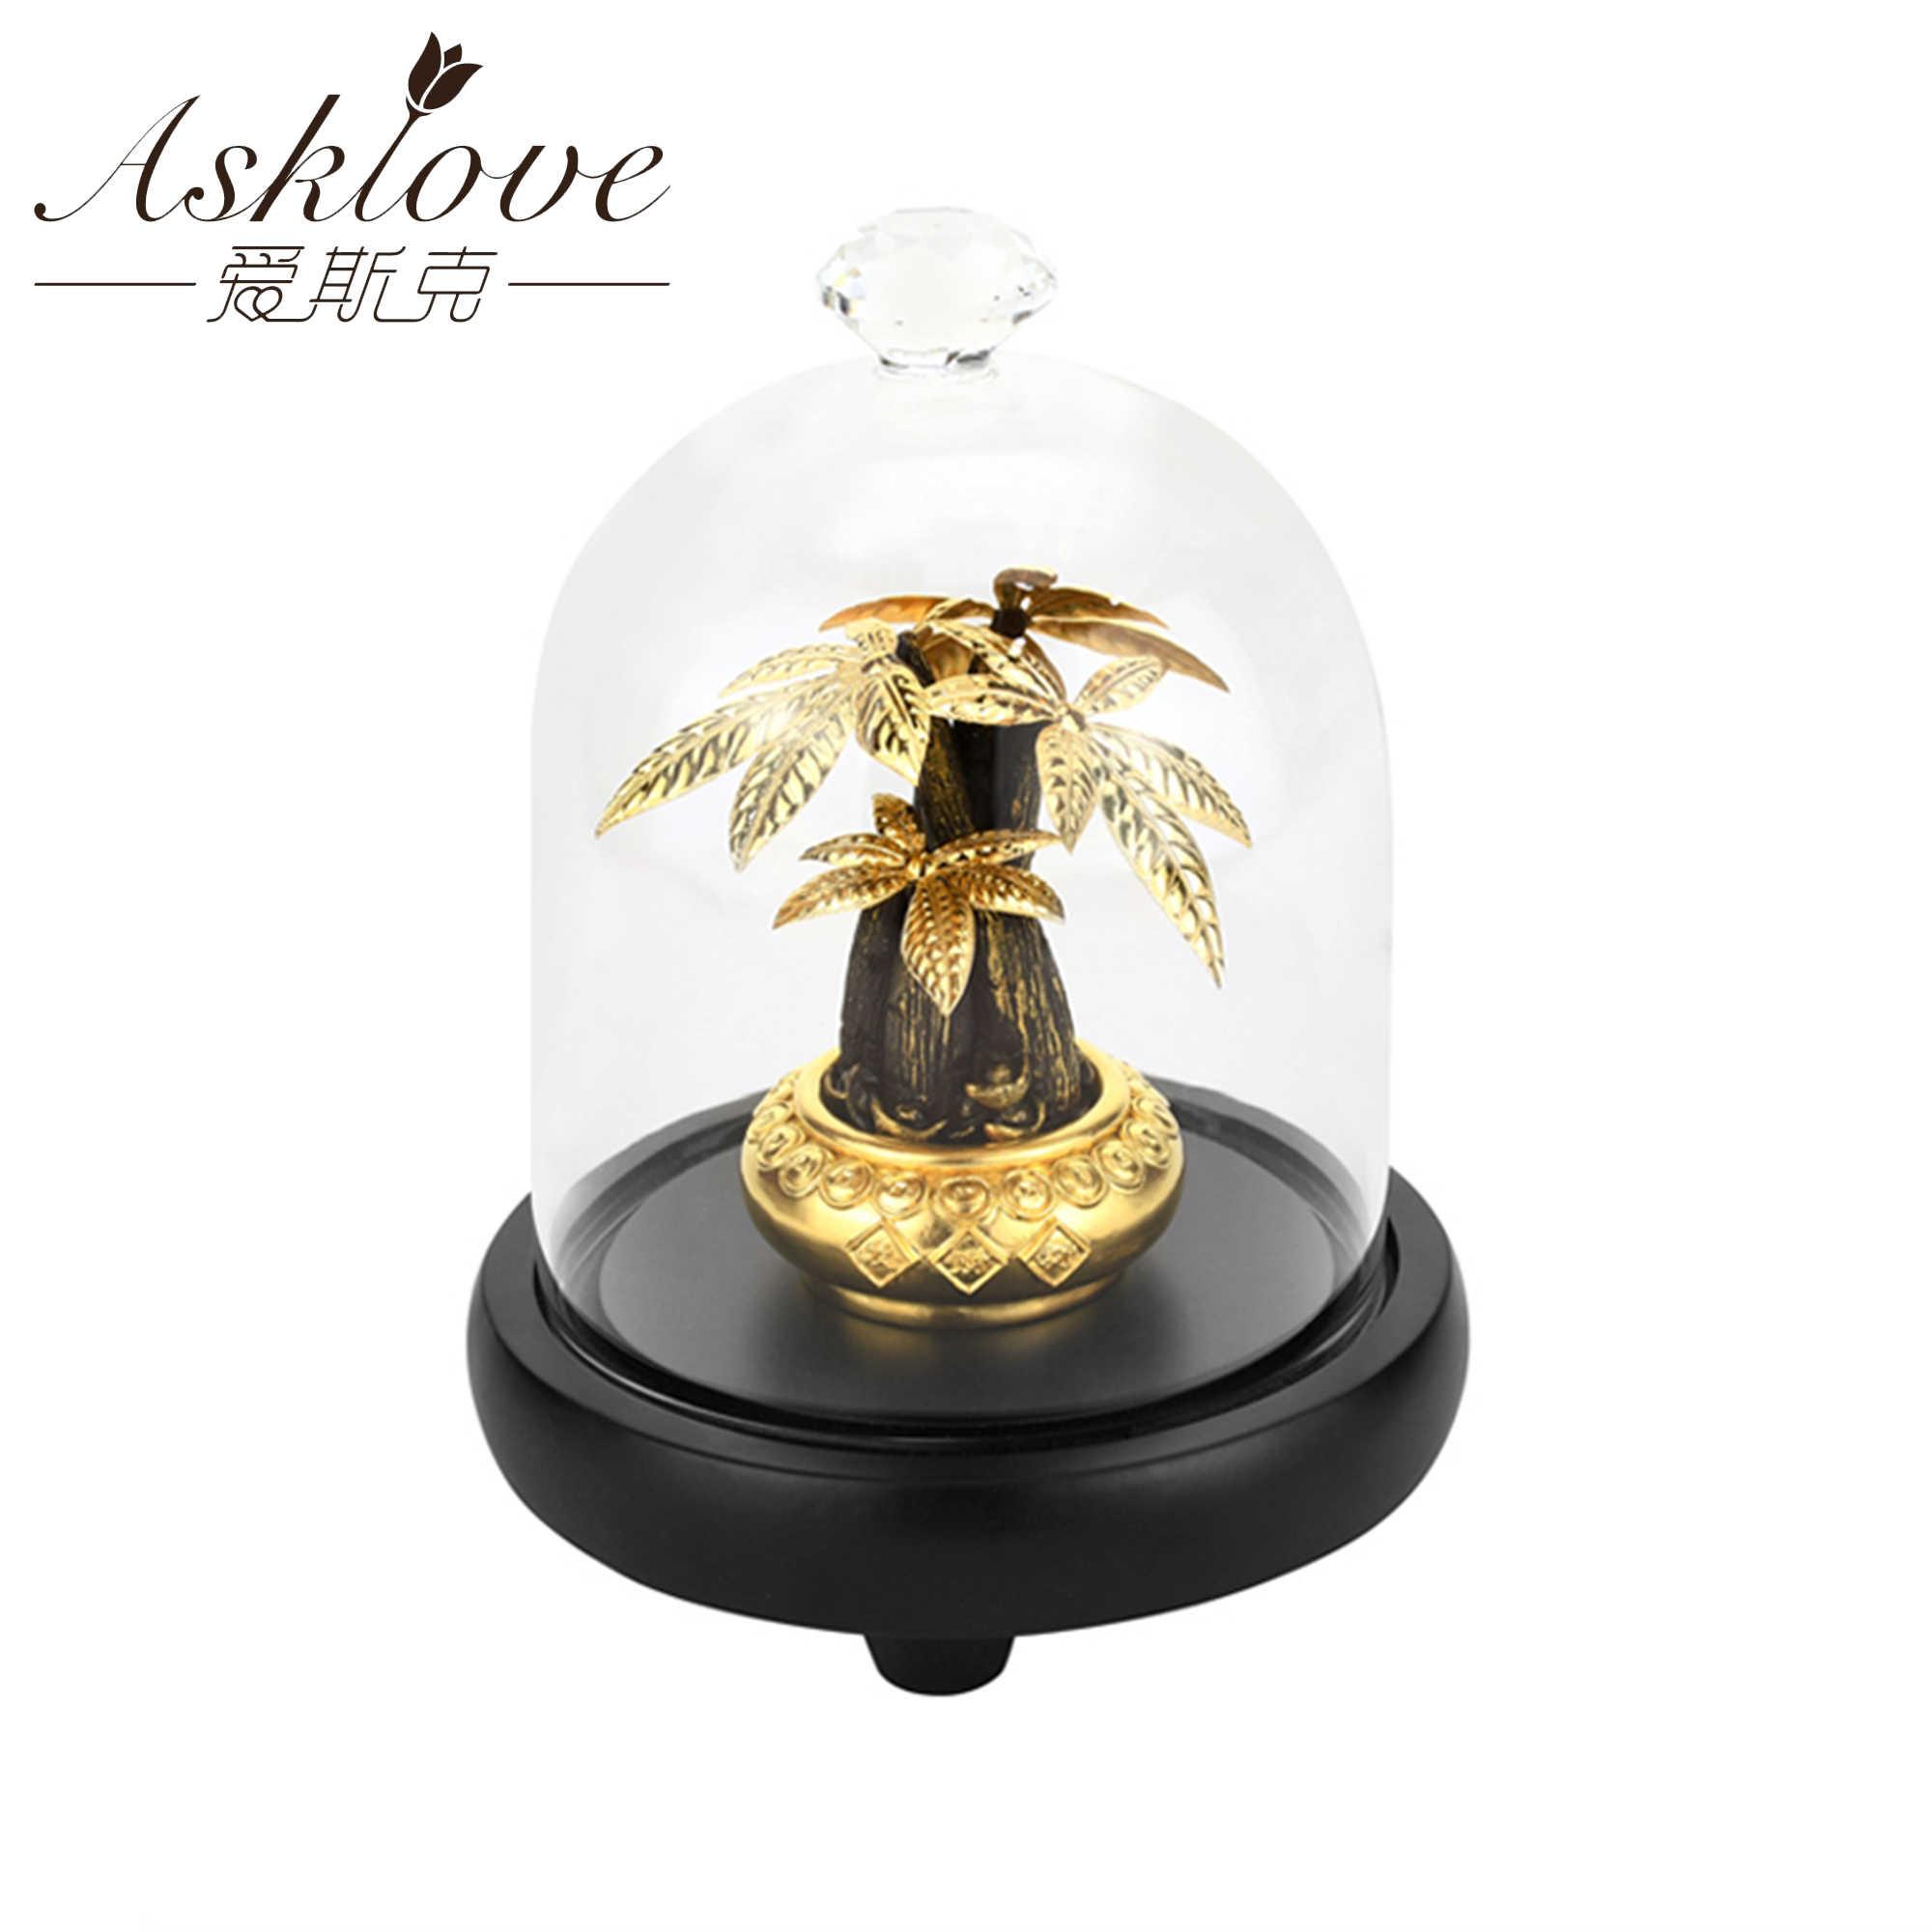 Asklove Albero di Fortuna Raccogliere Ricchezza Ornamento 24K Lamina D'oro Artigianato Fengshui decorazione Albero di Denaro Fortunato Bonsai Home Office Decorazione